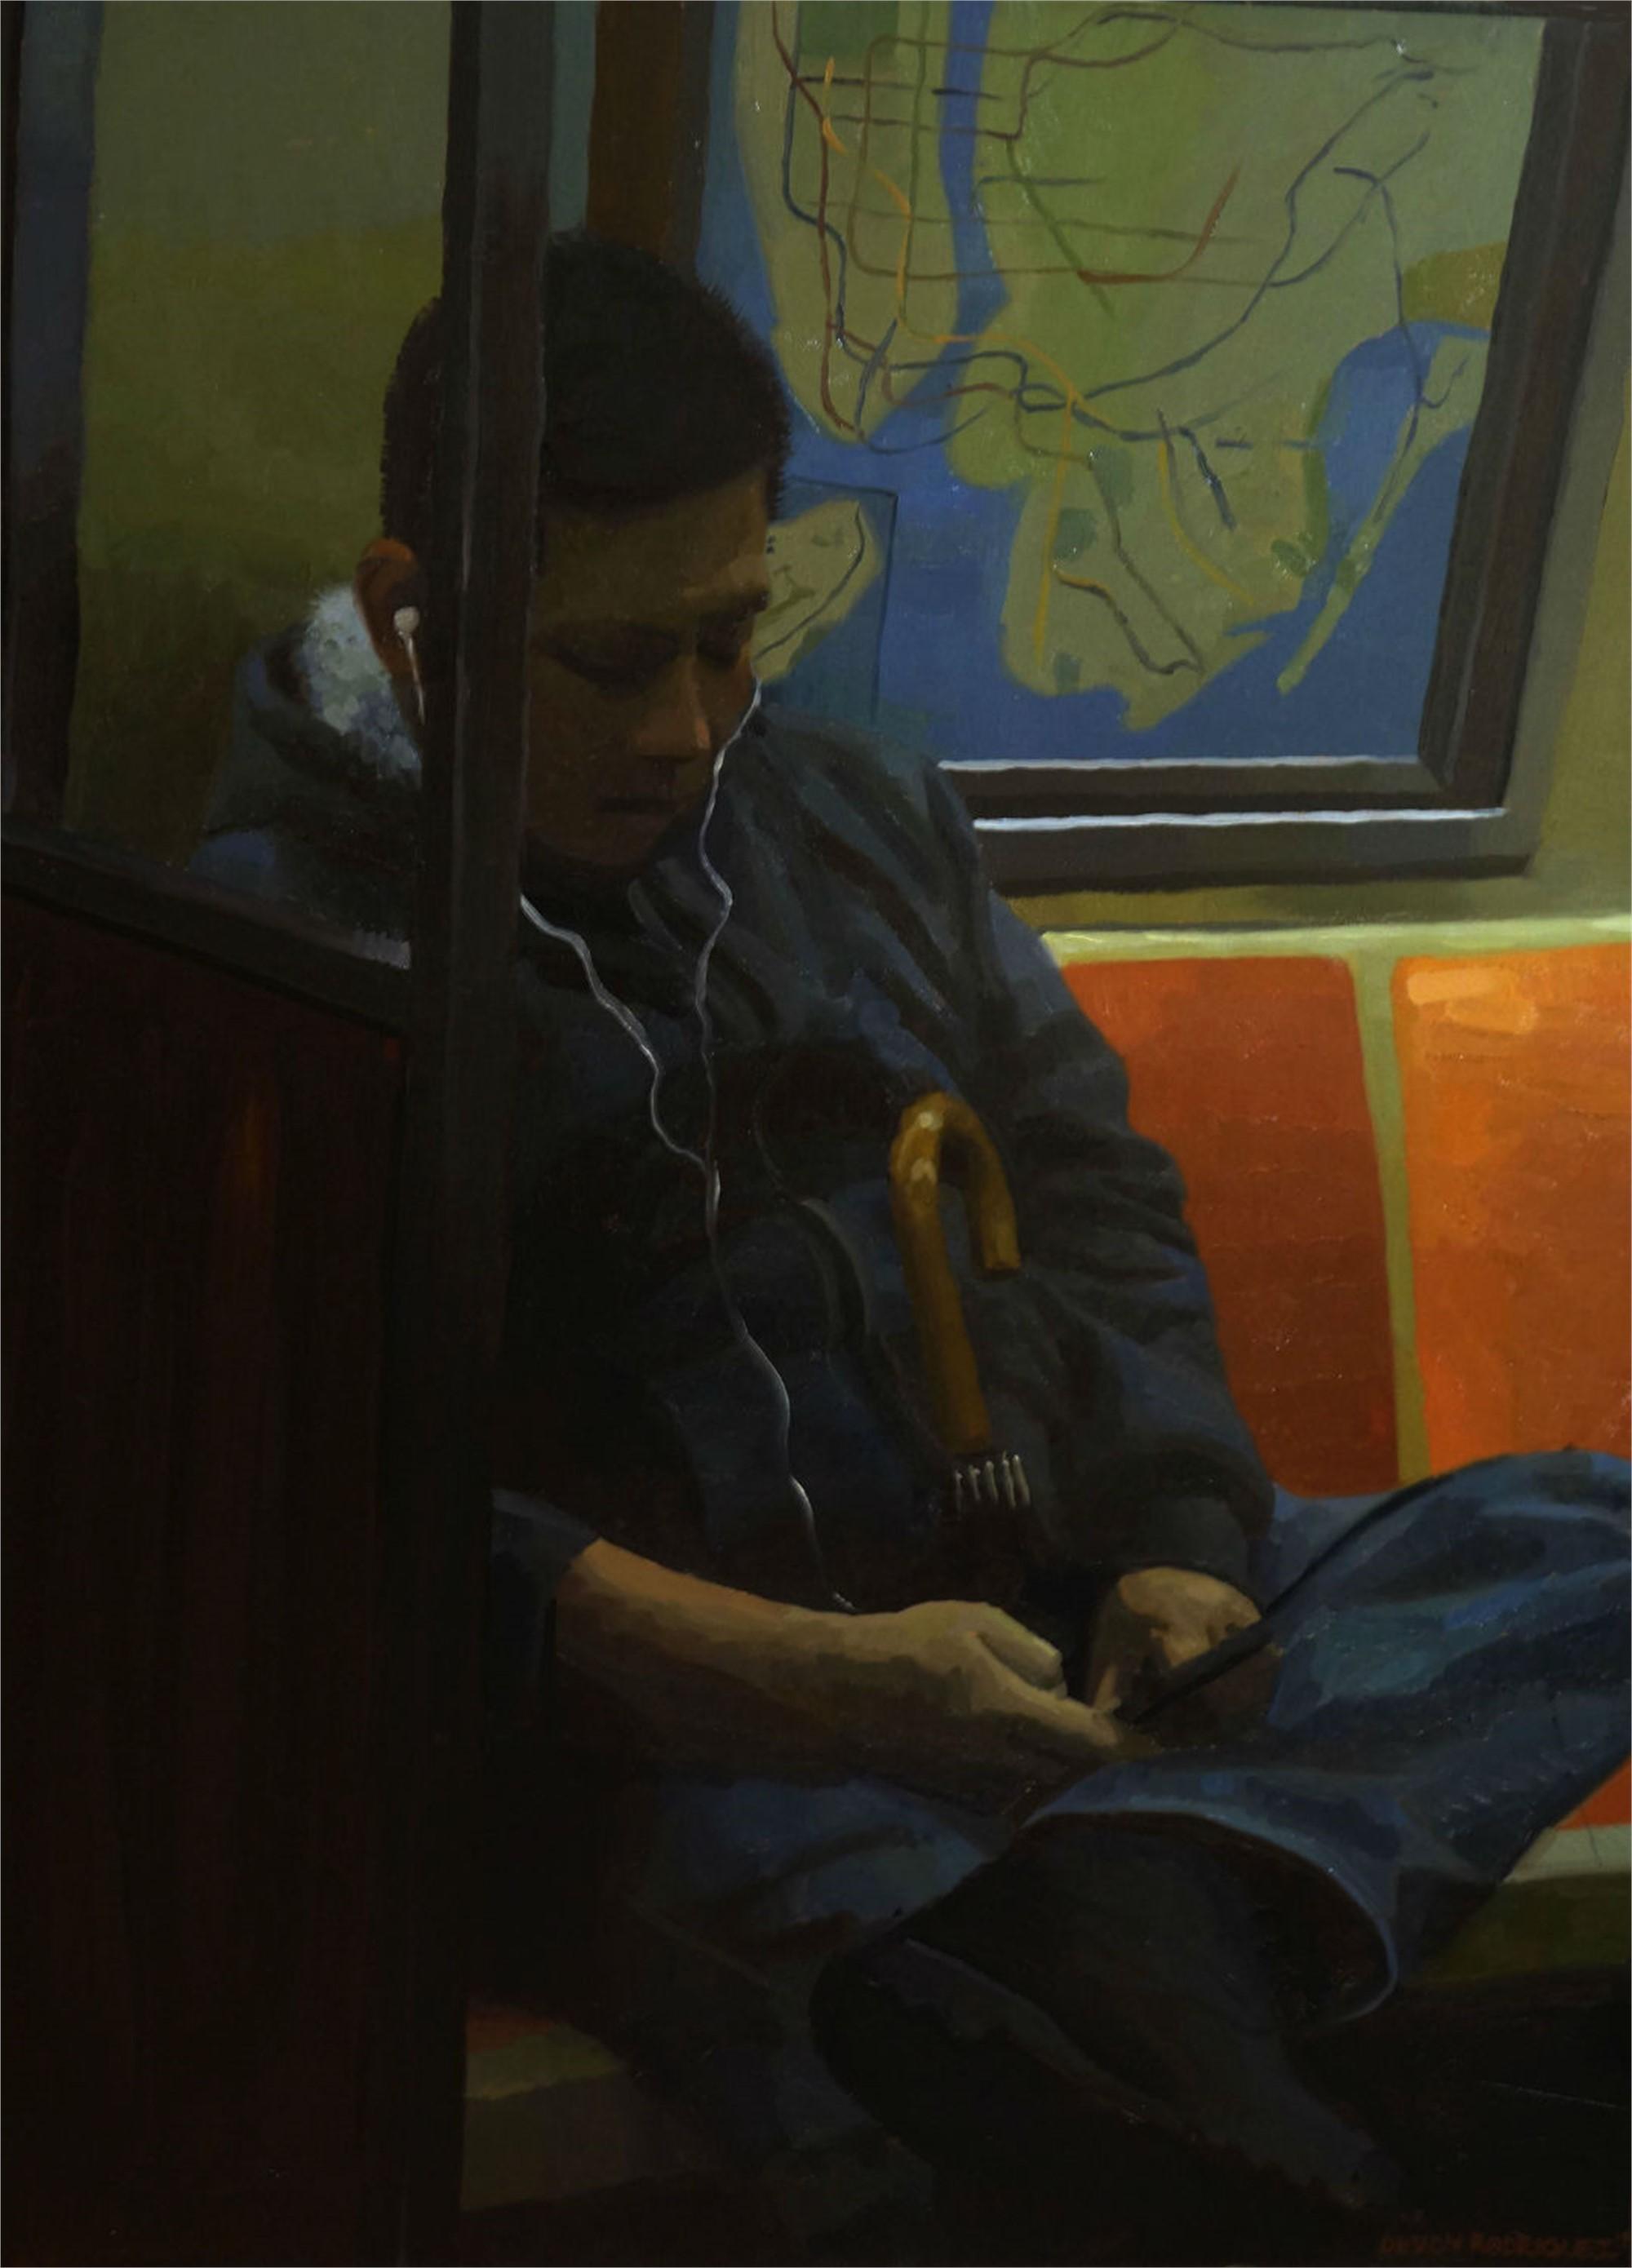 Man with Umbrella by Devon Rodriguez